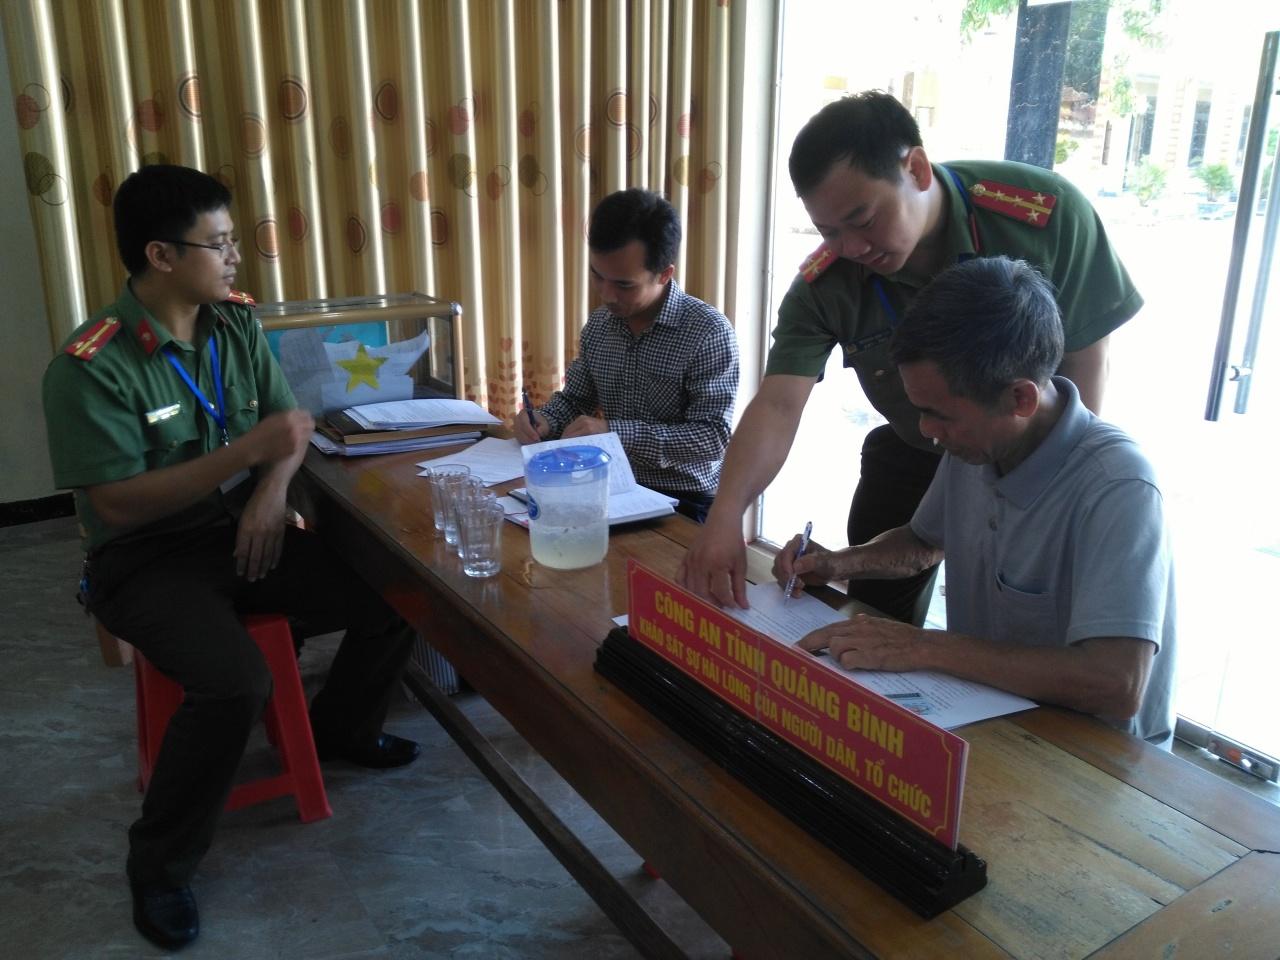 Công an tỉnh Quảng Bình: Khảo sát sự hài lòng của người dân, tổ chức năm 2019